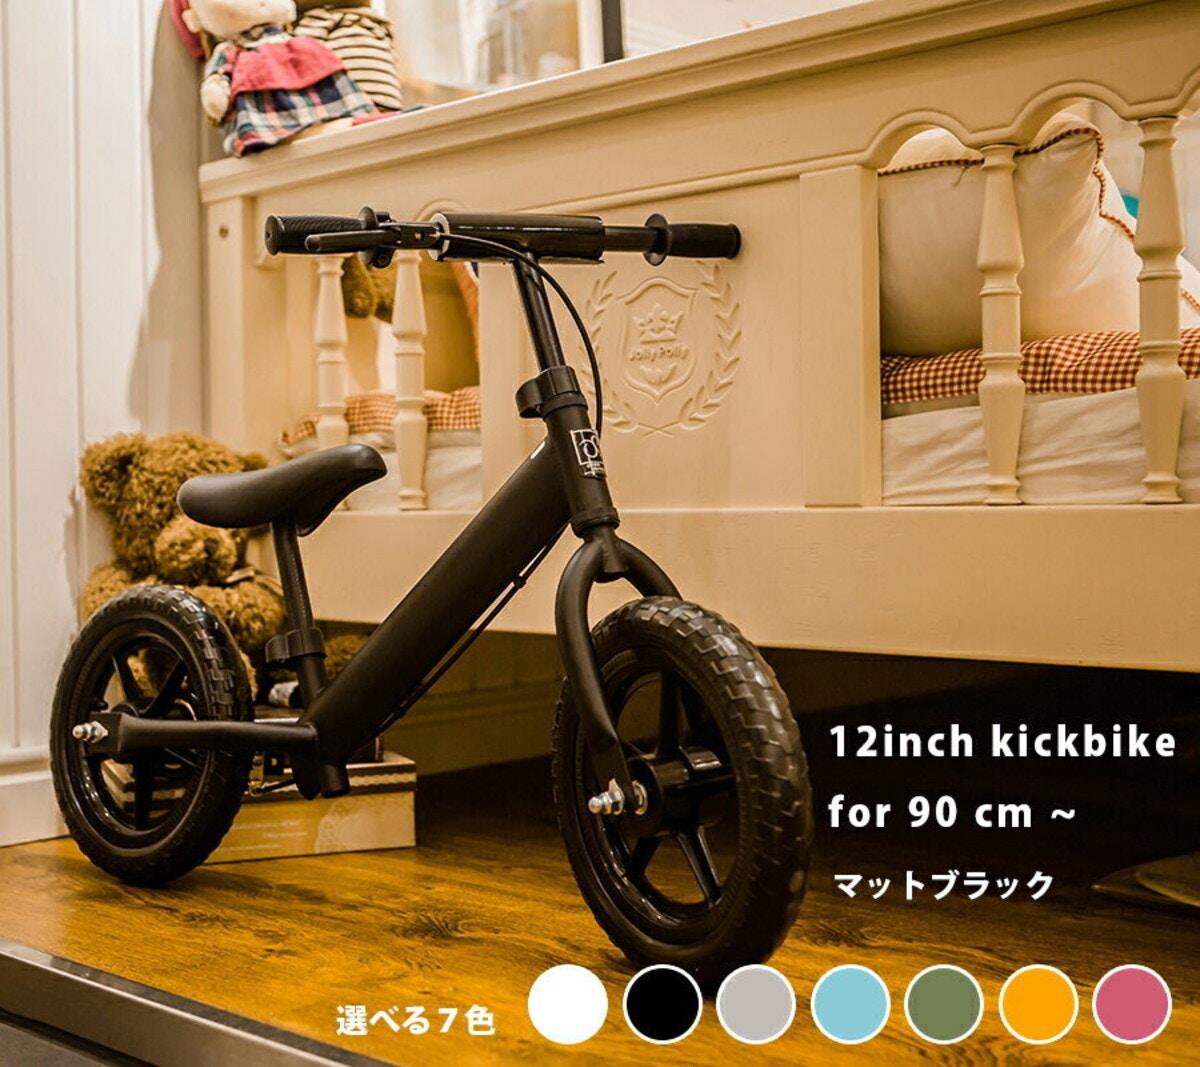 バランスバイク 12インチ